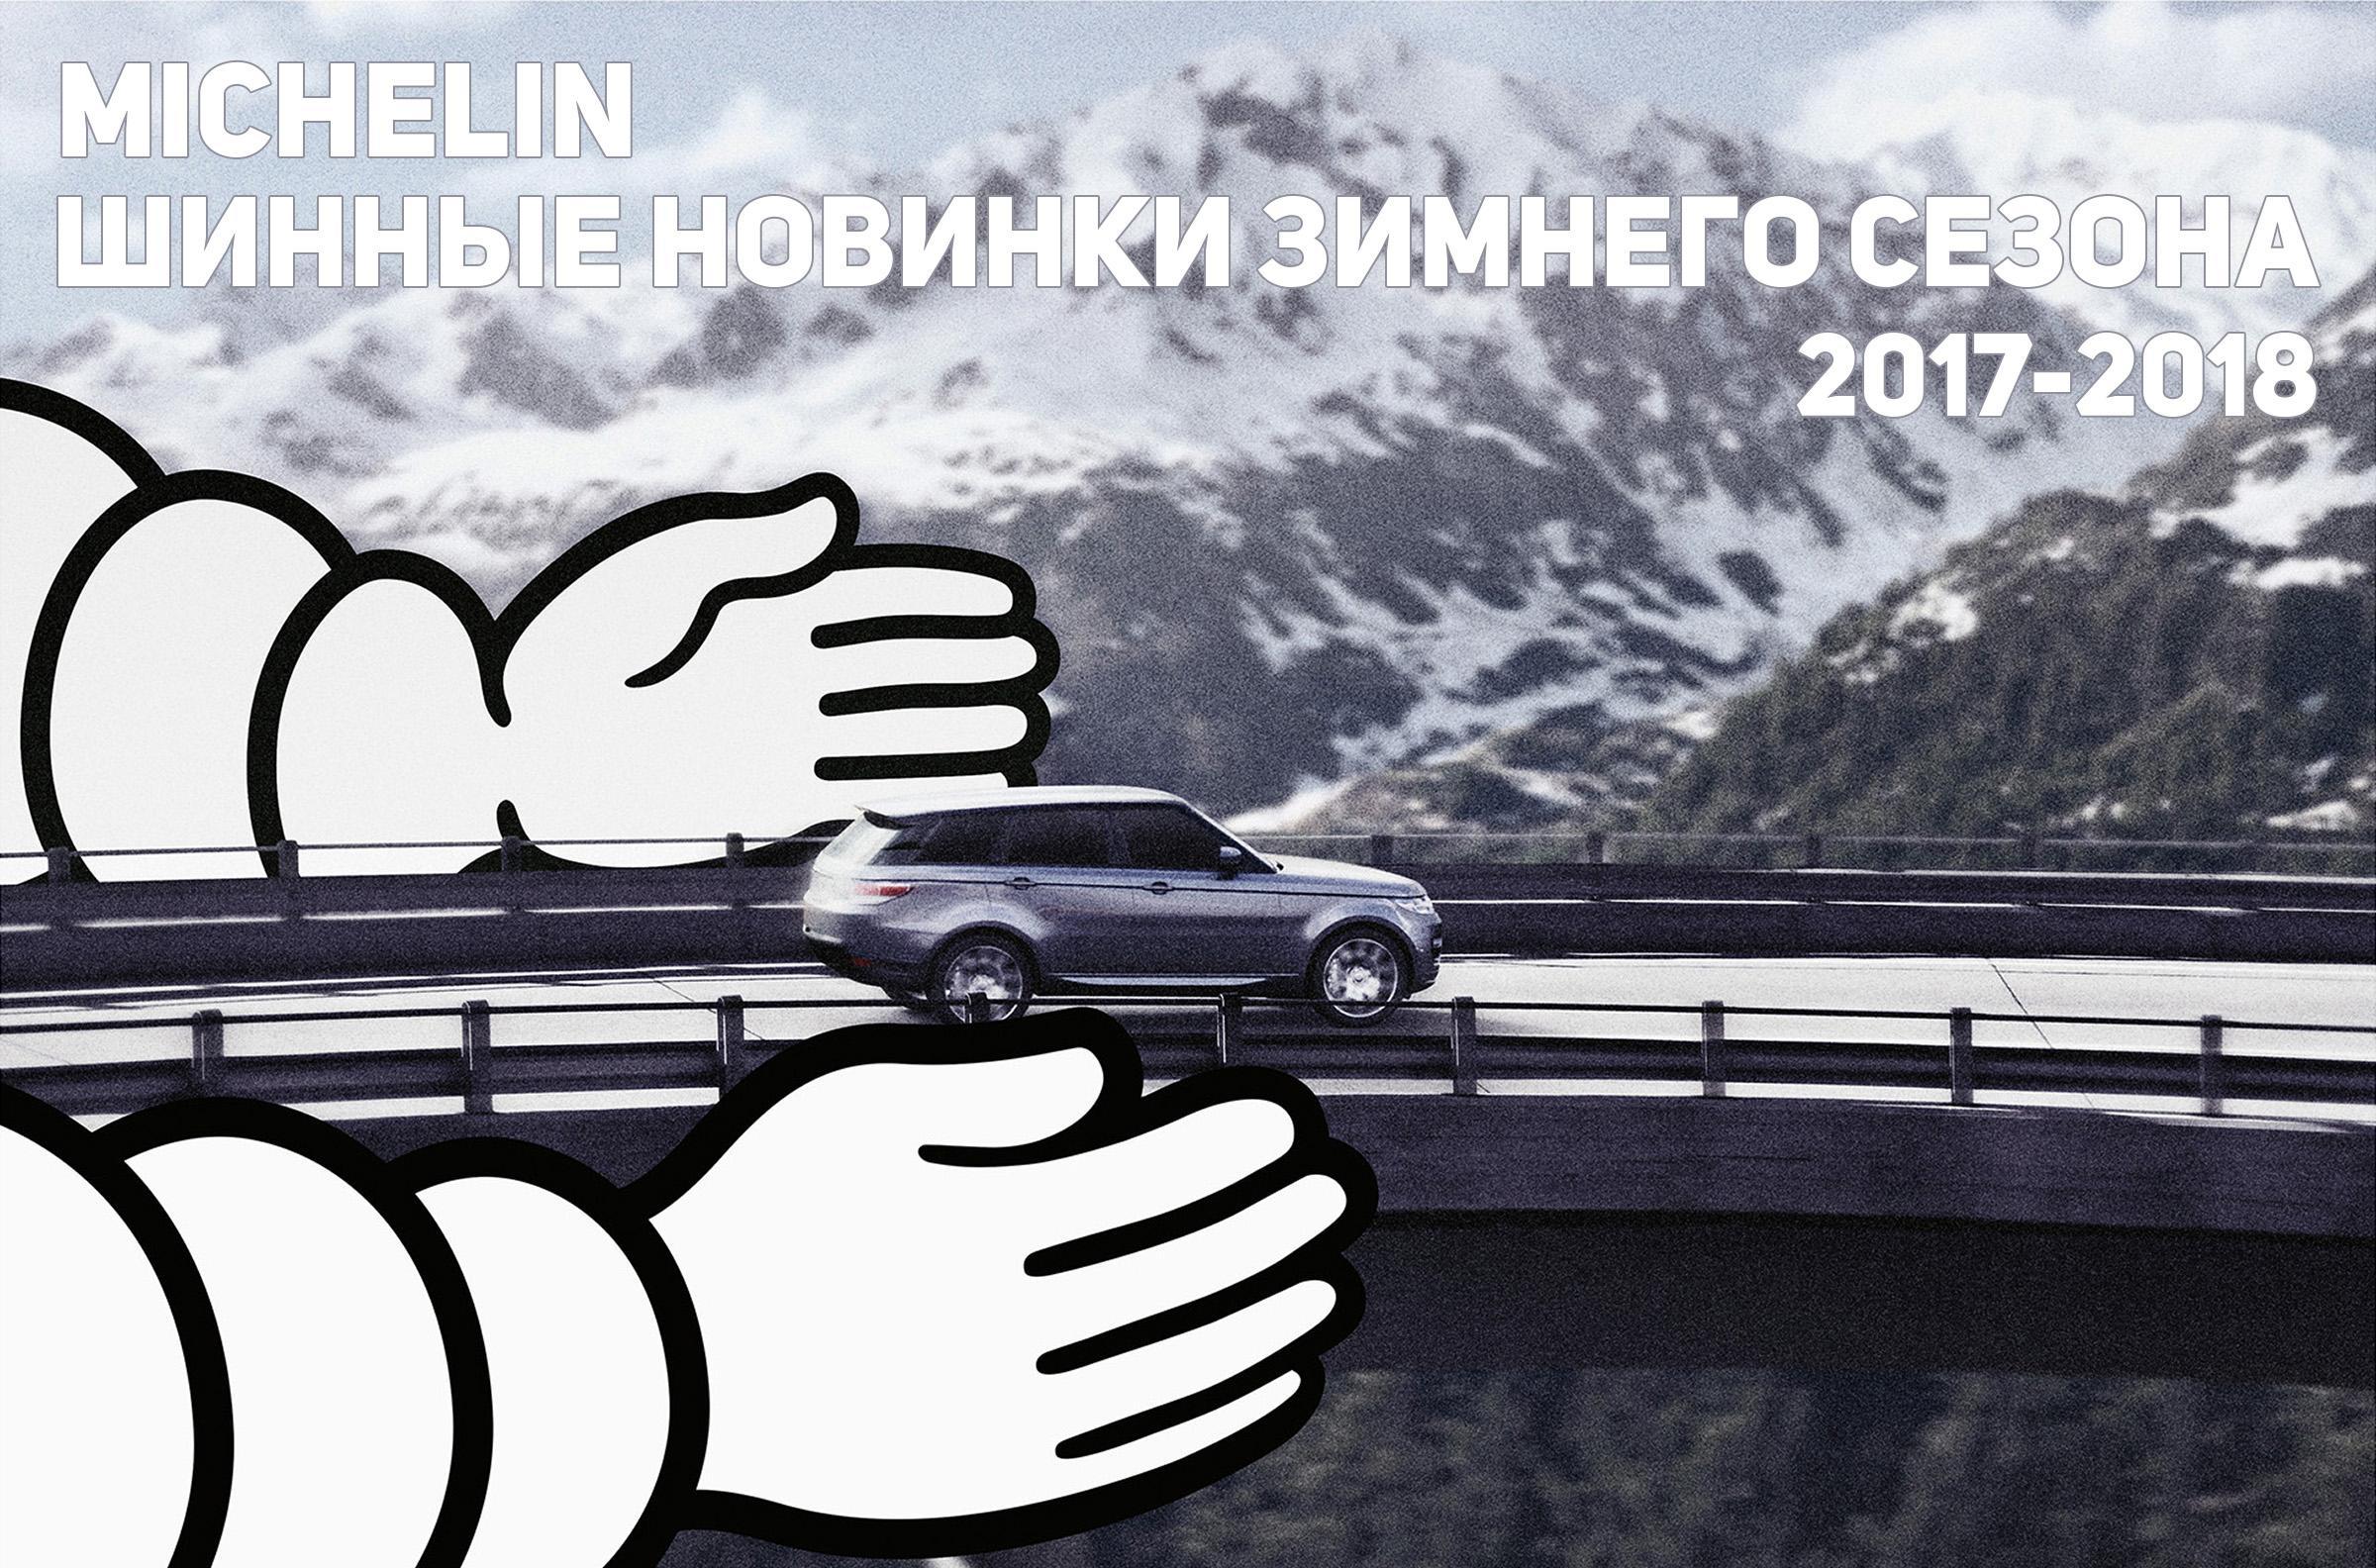 Шинные новинки зимнего сезона 2017-2018 от Michelin